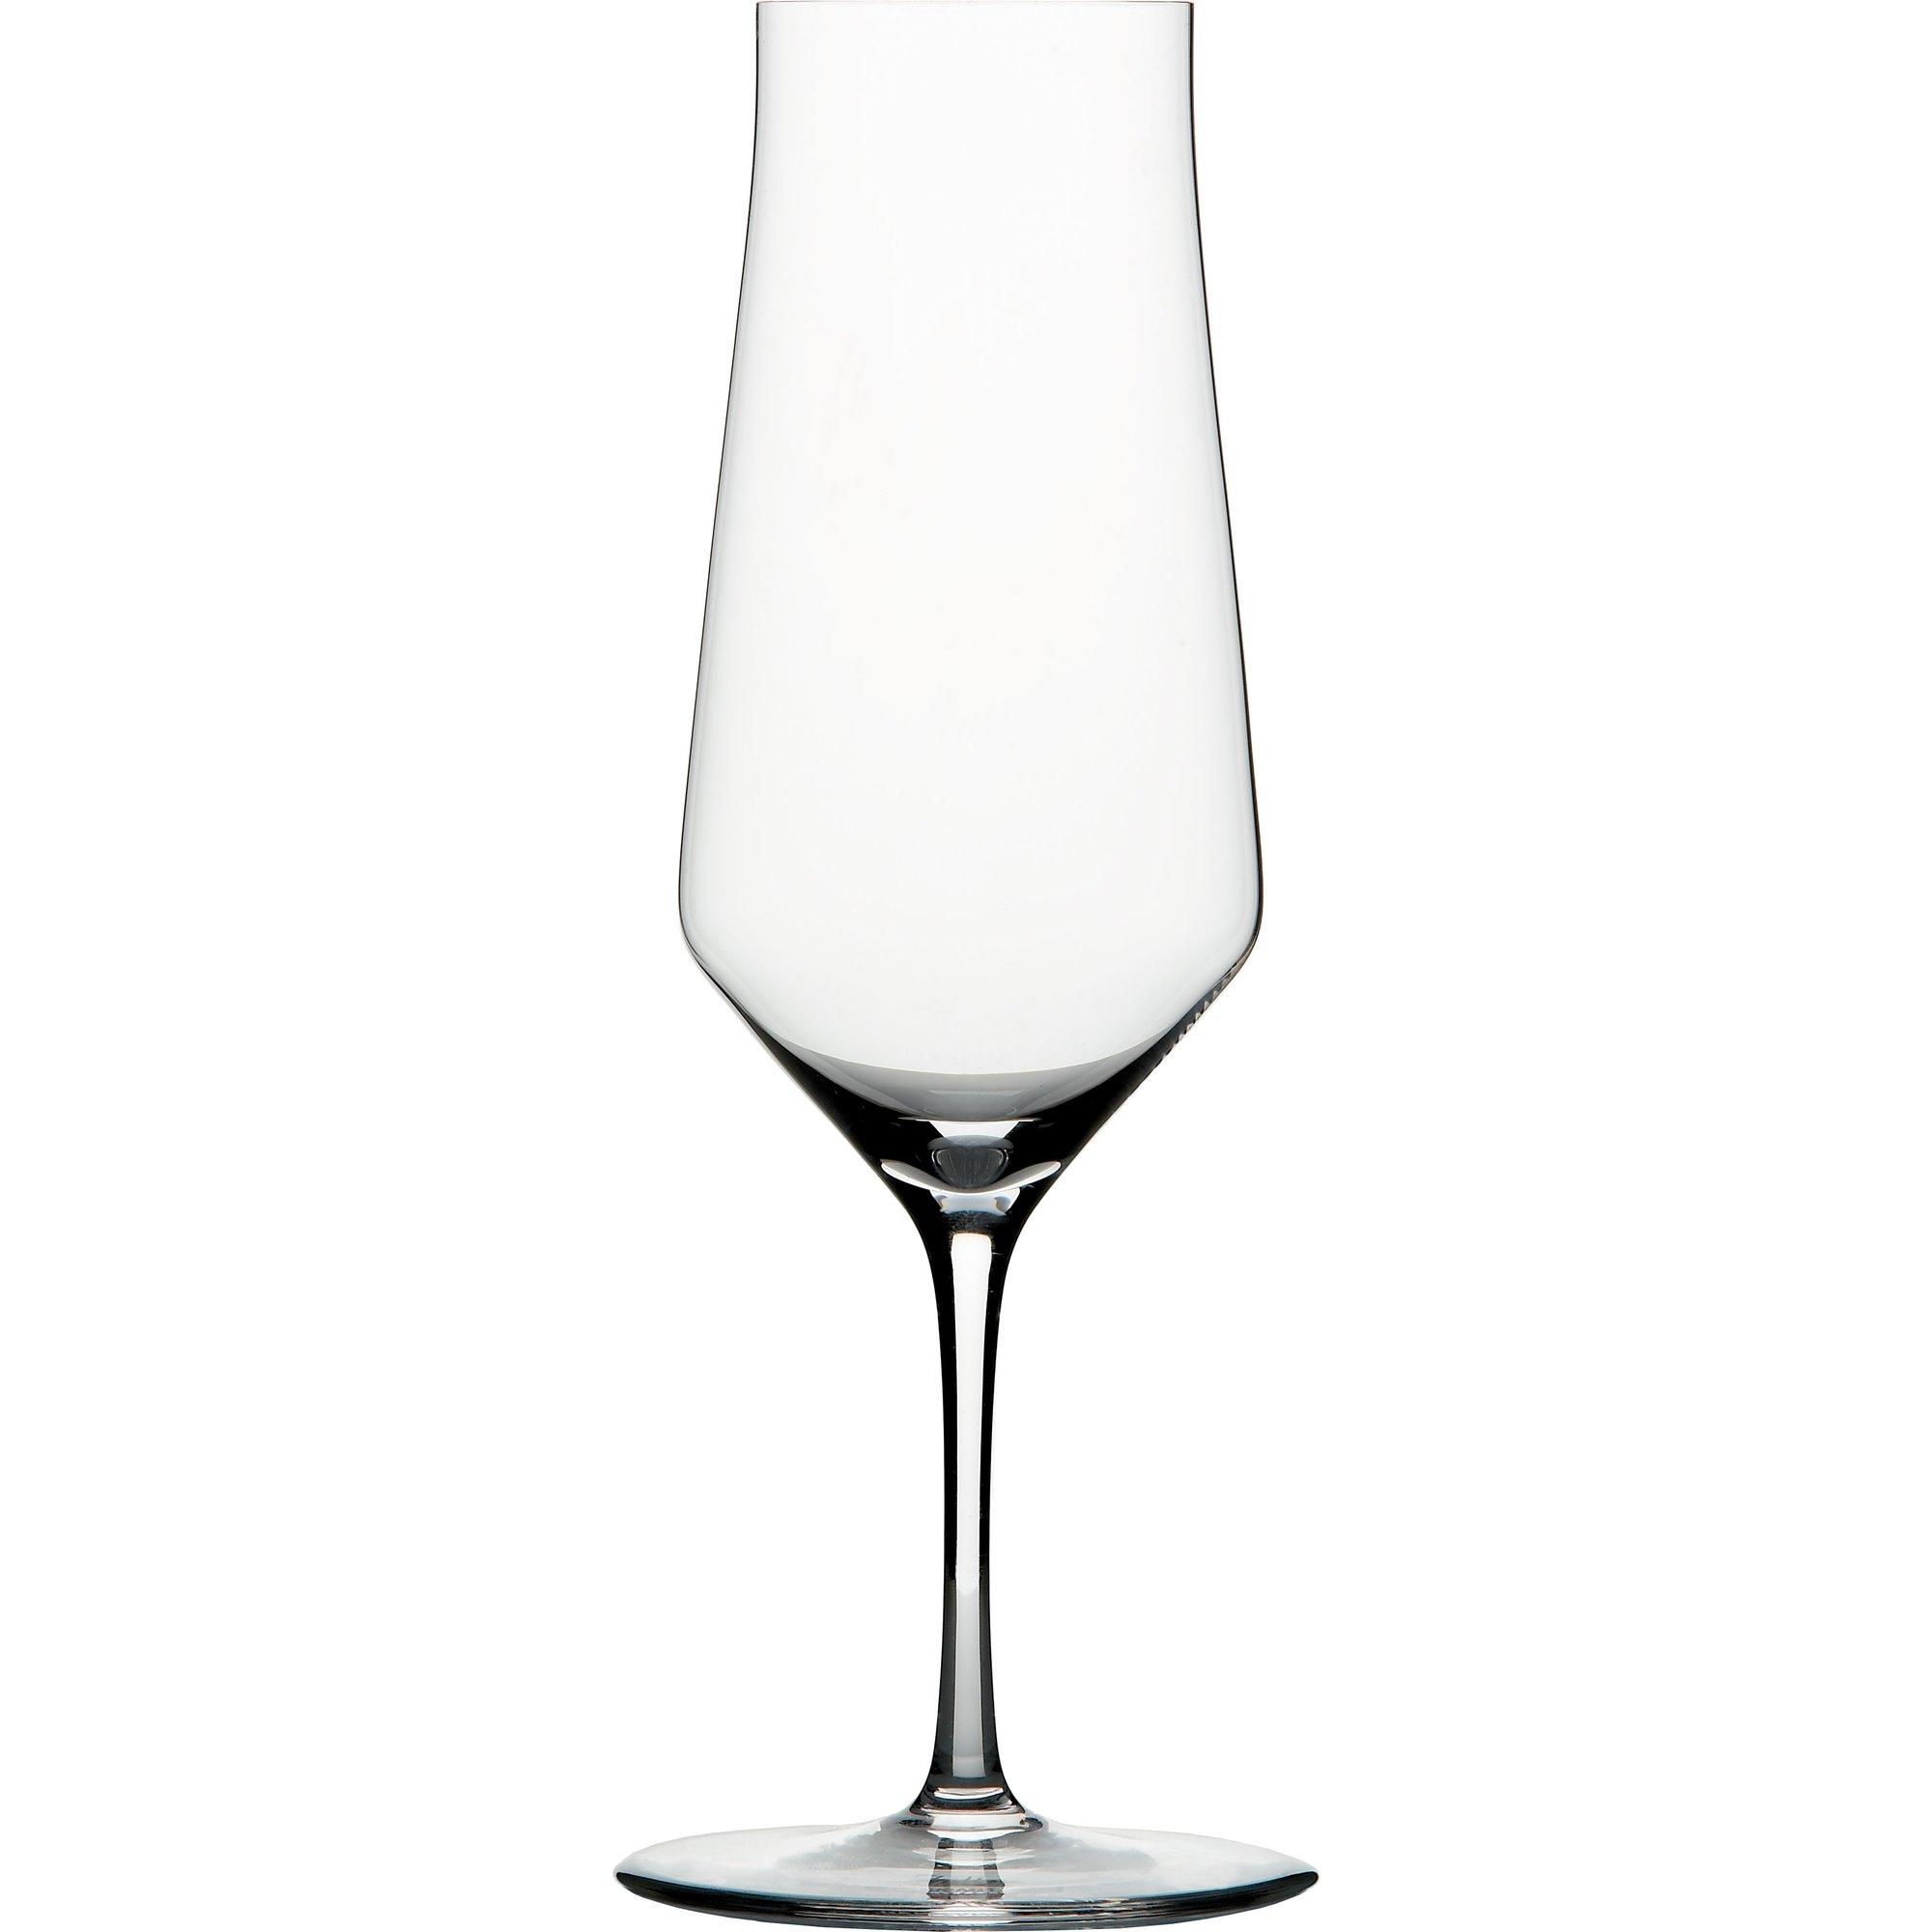 Zalto Ölglas 350 ml. 1 st.